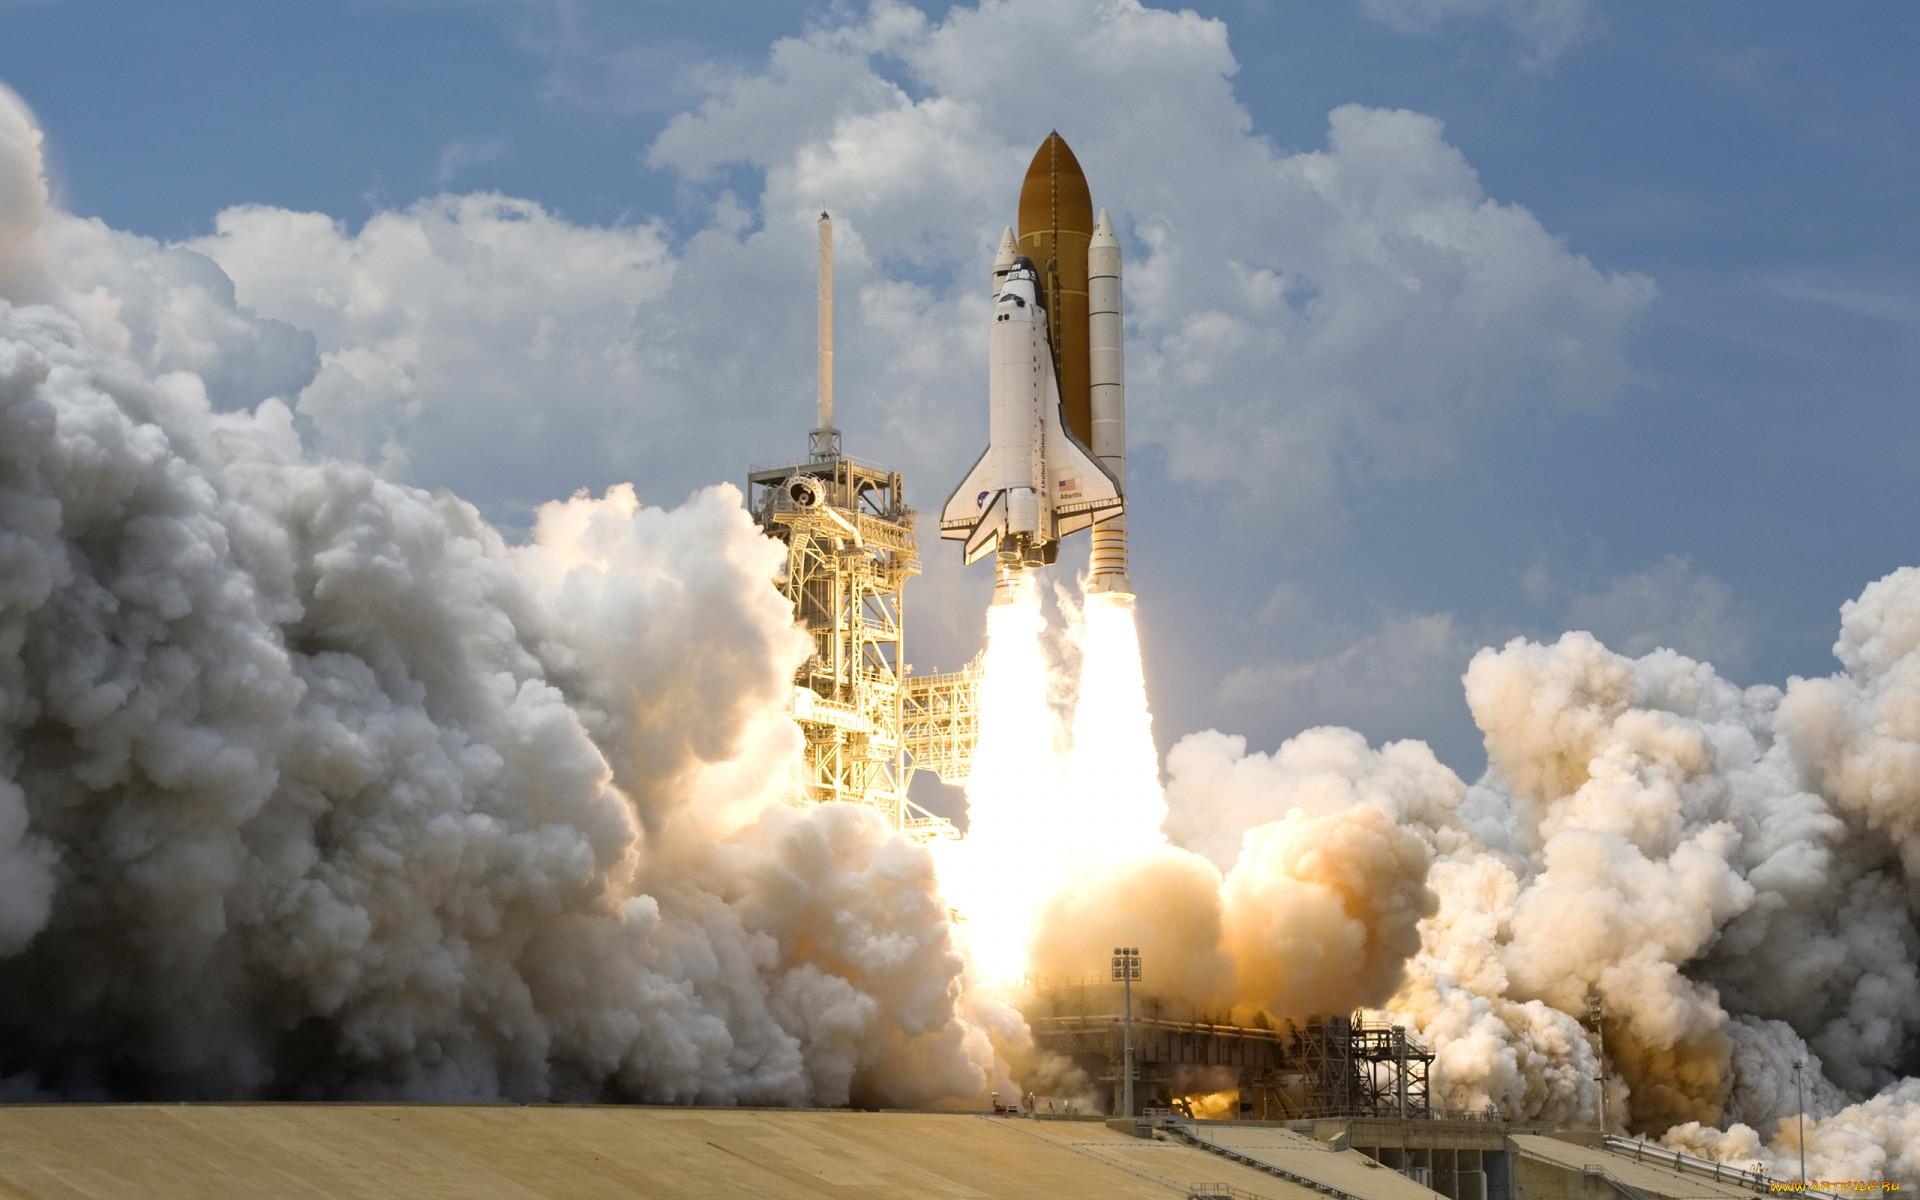 варианты космическая ракета взлет фото продаже щенки